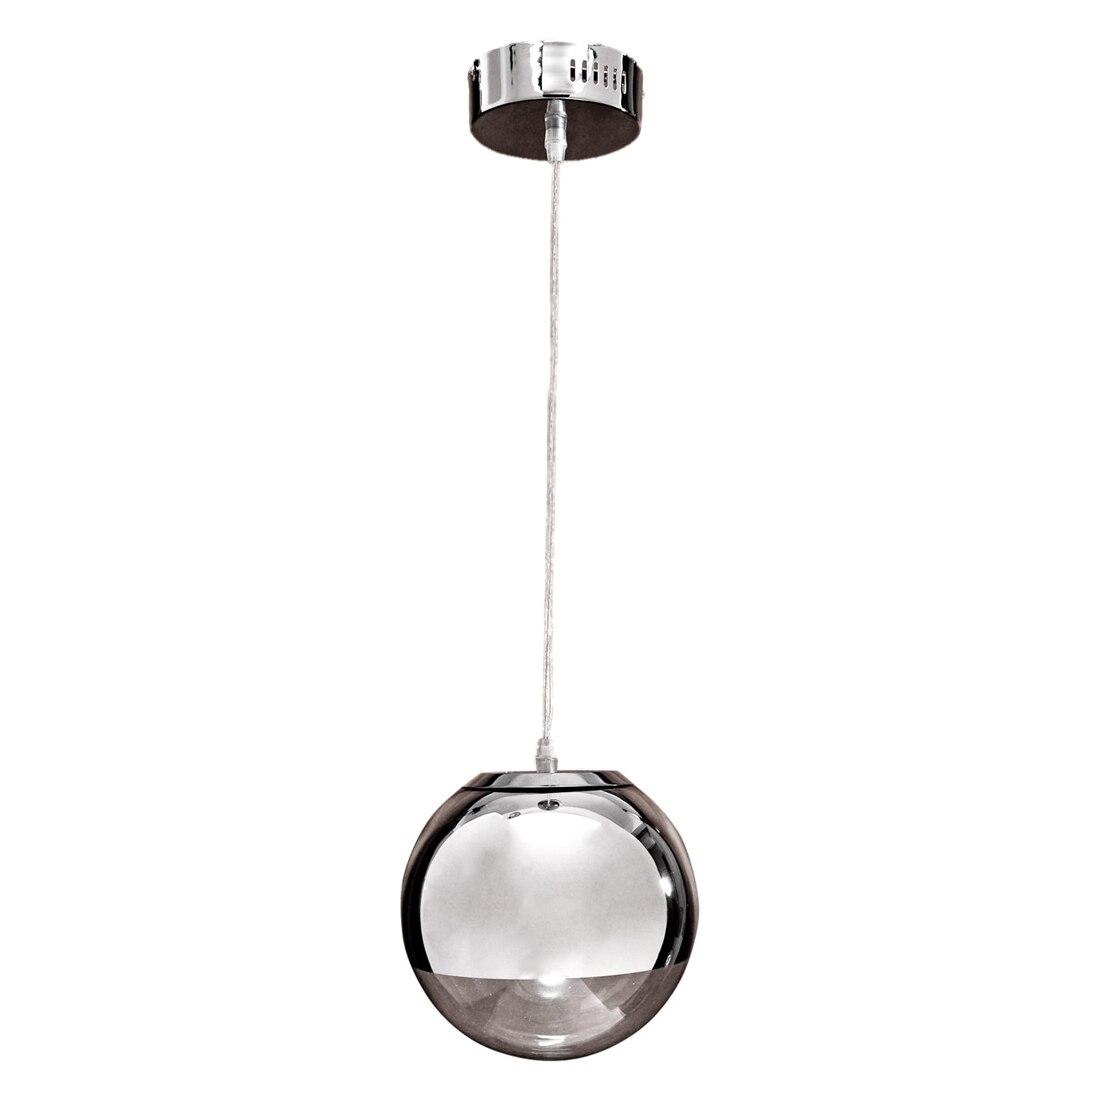 Pendant Chandelier Ceiling Globe Lamp Light Bulb Metal Body Chrome<br>